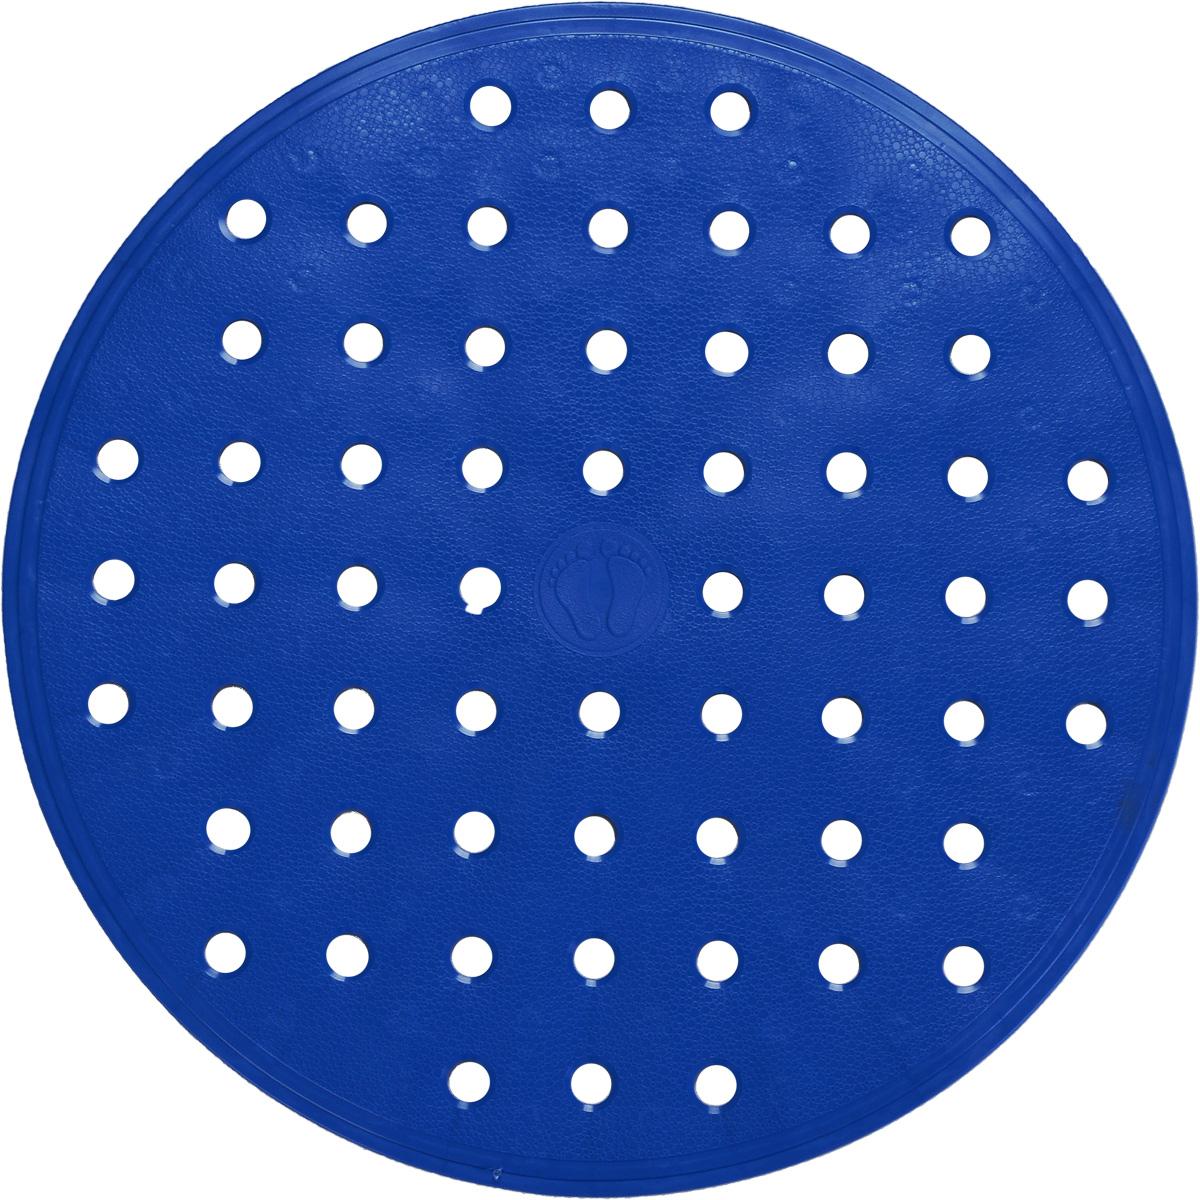 Коврик для ванной Ridder Action, противоскользящий, цвет: синий, диаметр 53 см коврик для ванной ridder grand prix цвет белый синий 55 х 85 см